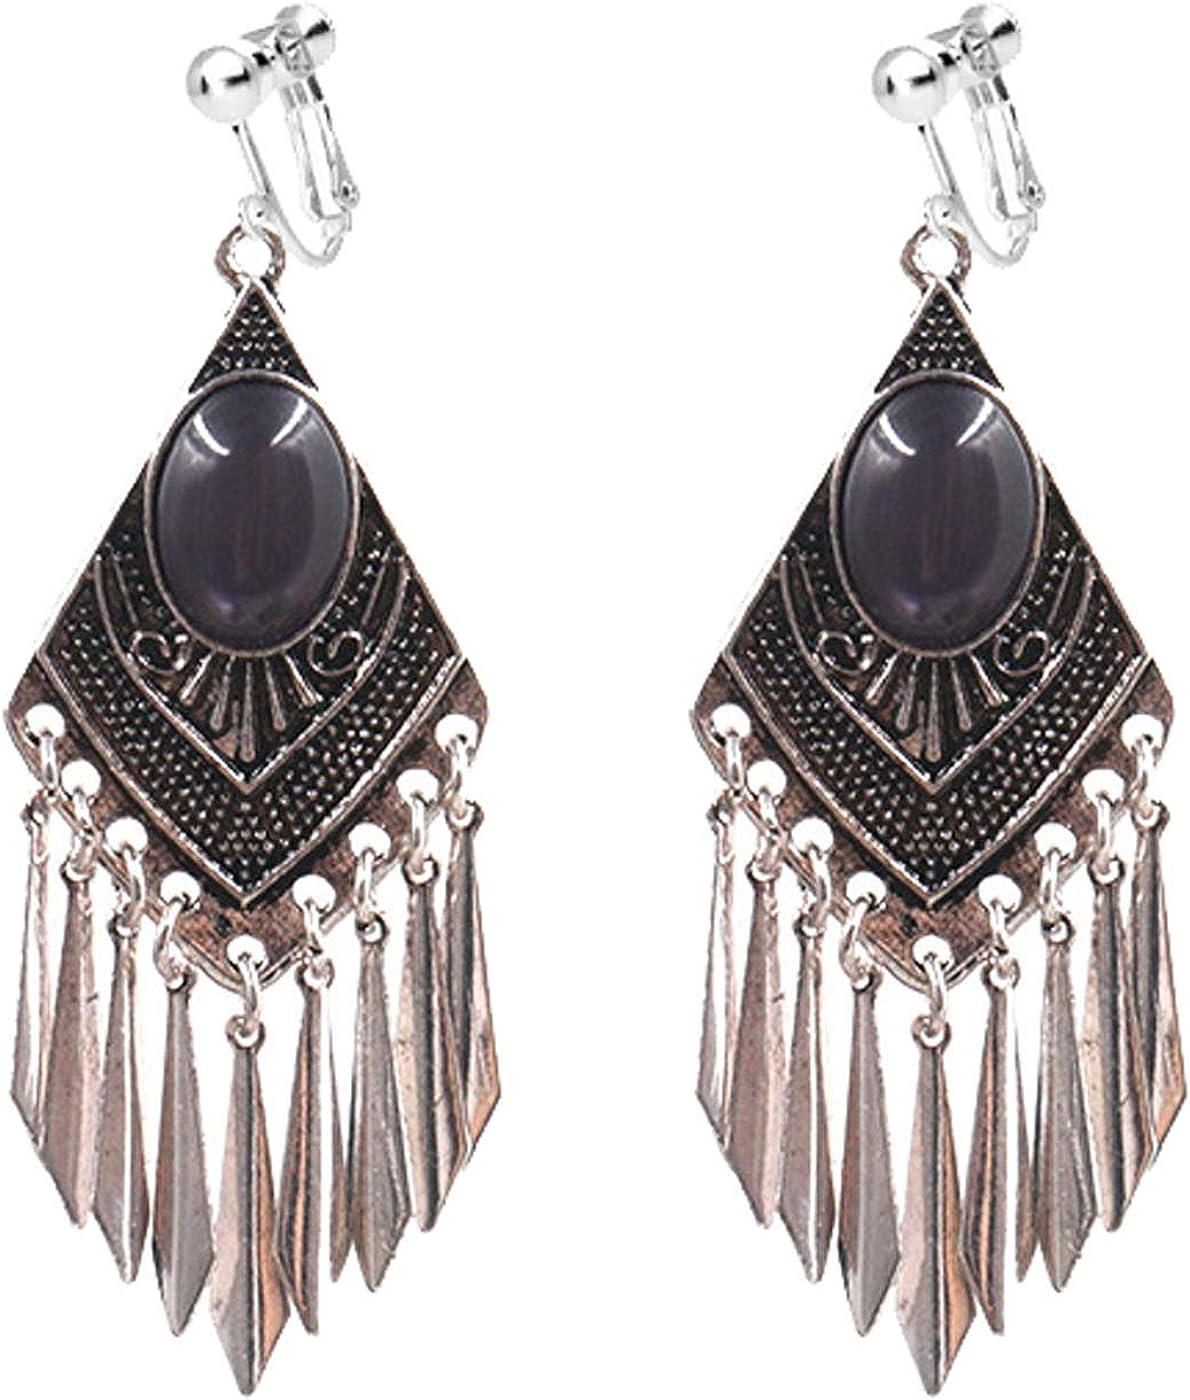 Boho Clip on Earrings for Women Girls Opal Earrings Rhombus Dangle Drop Long Tassel for Non Pierced Vintage Ethnic Style